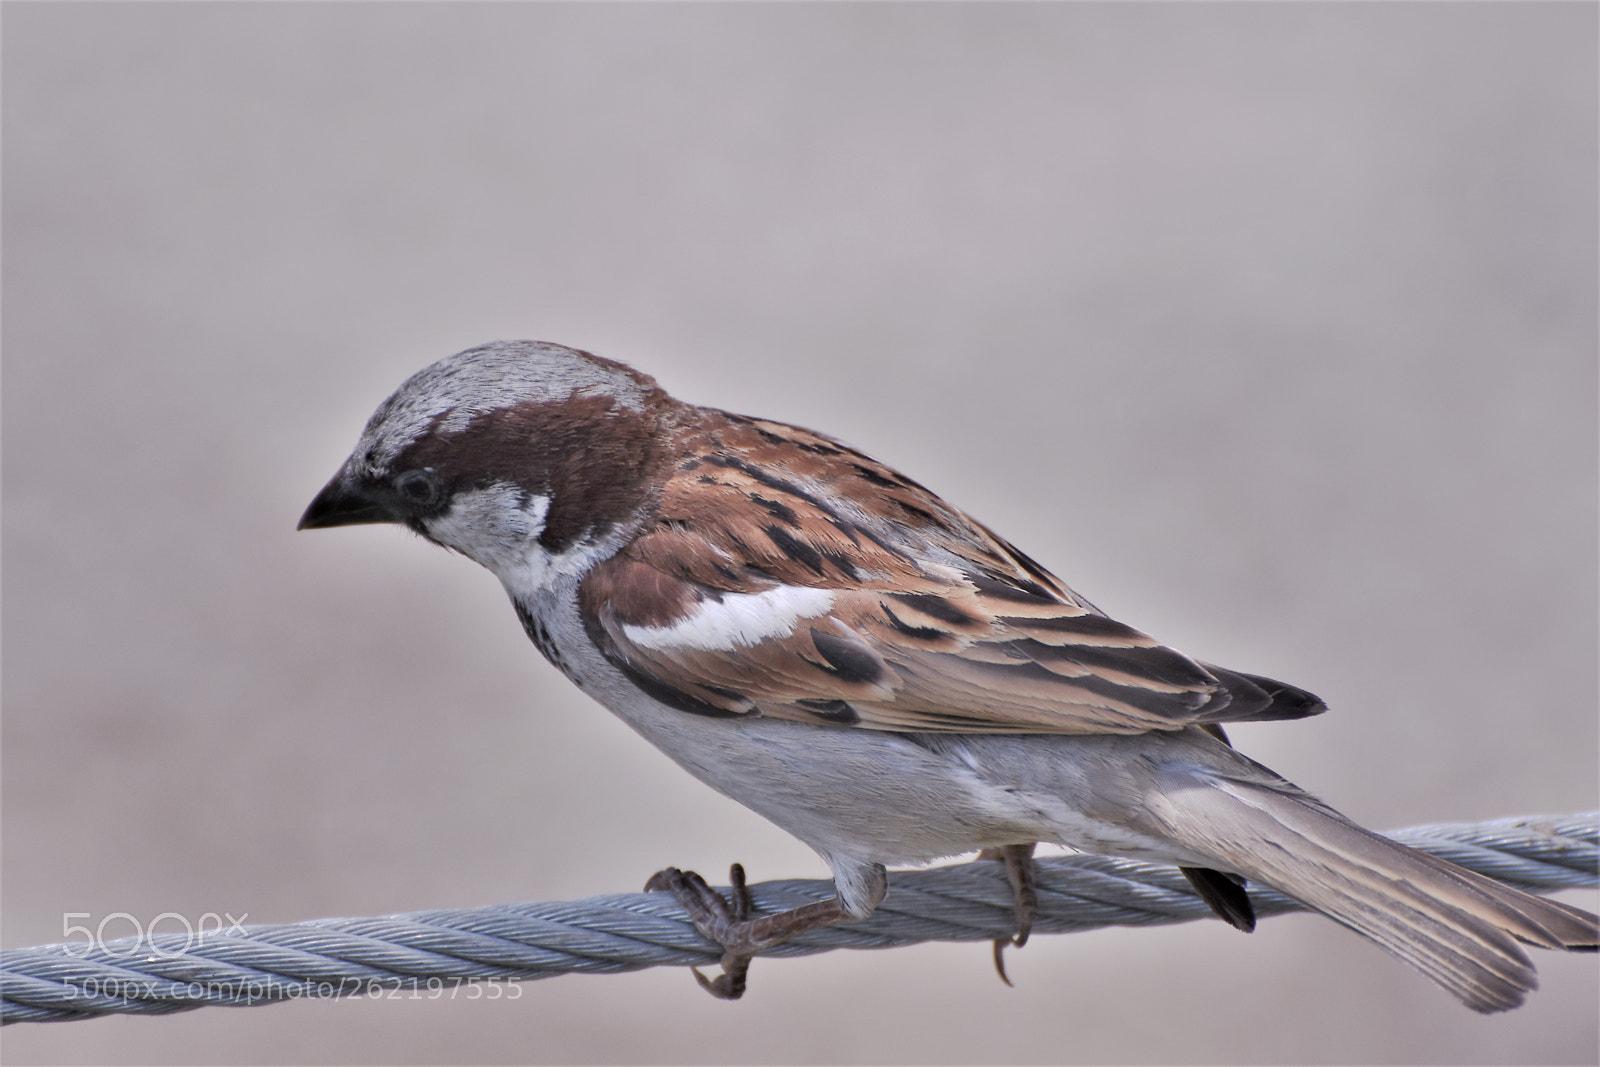 Sparrow . . ., Nikon D7200, AF-S VR Zoom-Nikkor 70-300mm f/4.5-5.6G IF-ED